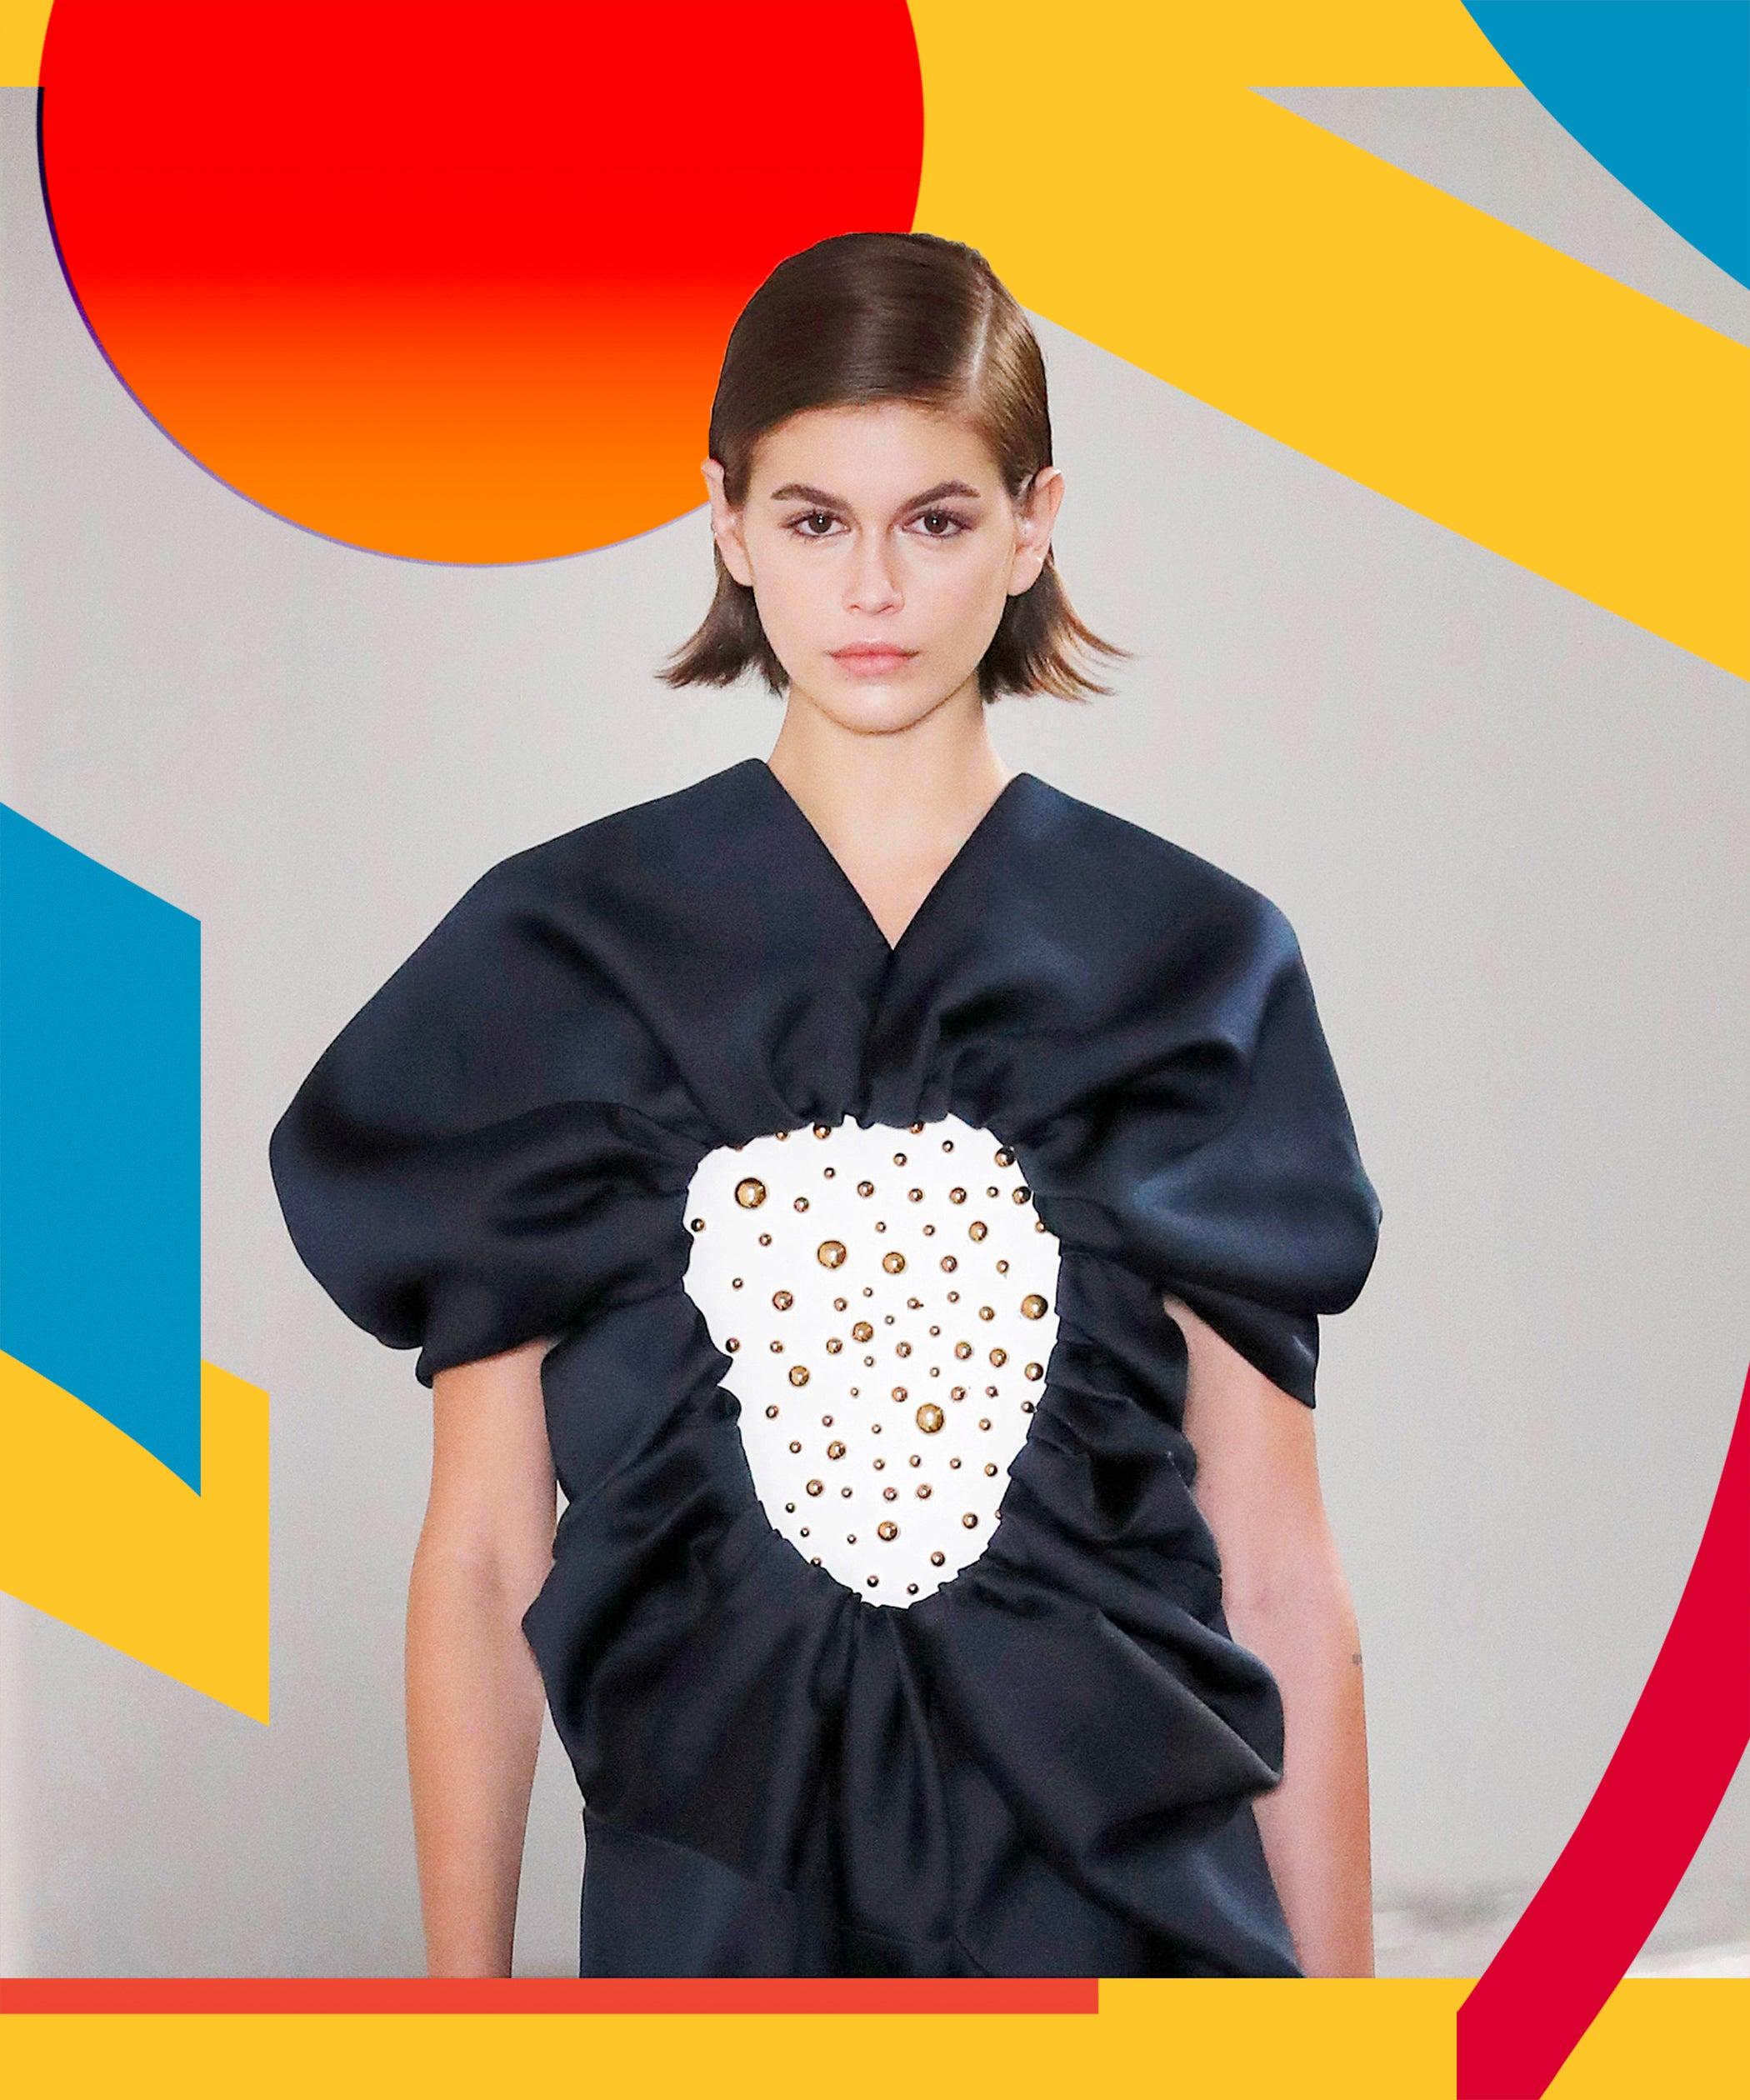 Loewe Fall Winter 2020 Collection At Paris Fashion Week